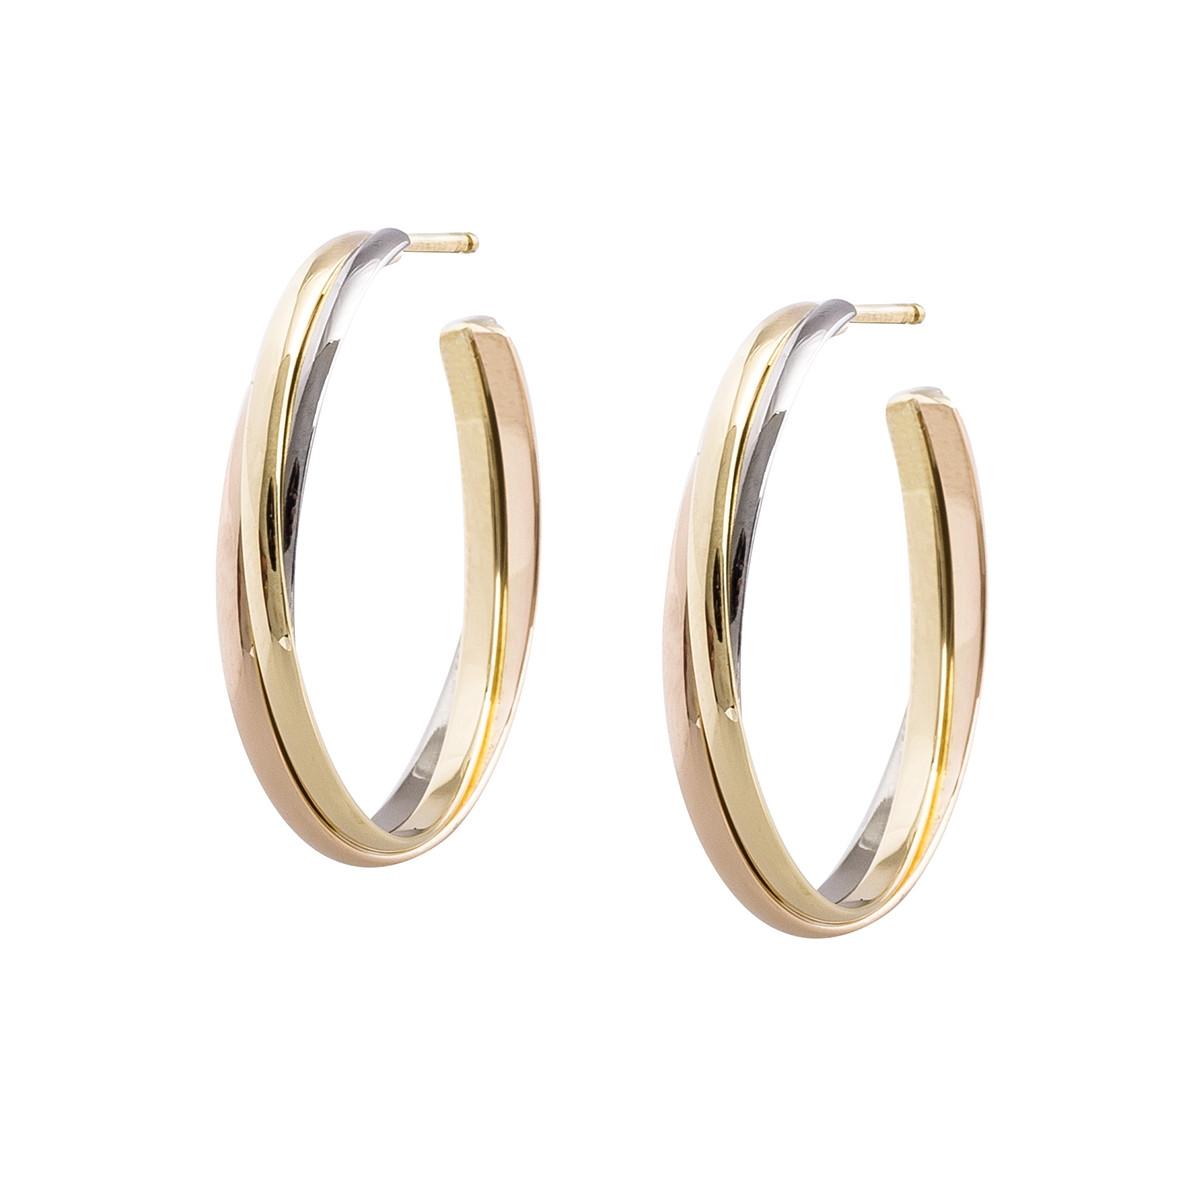 Vintage Cartier Trinity Hoop Earrings Gallery Image